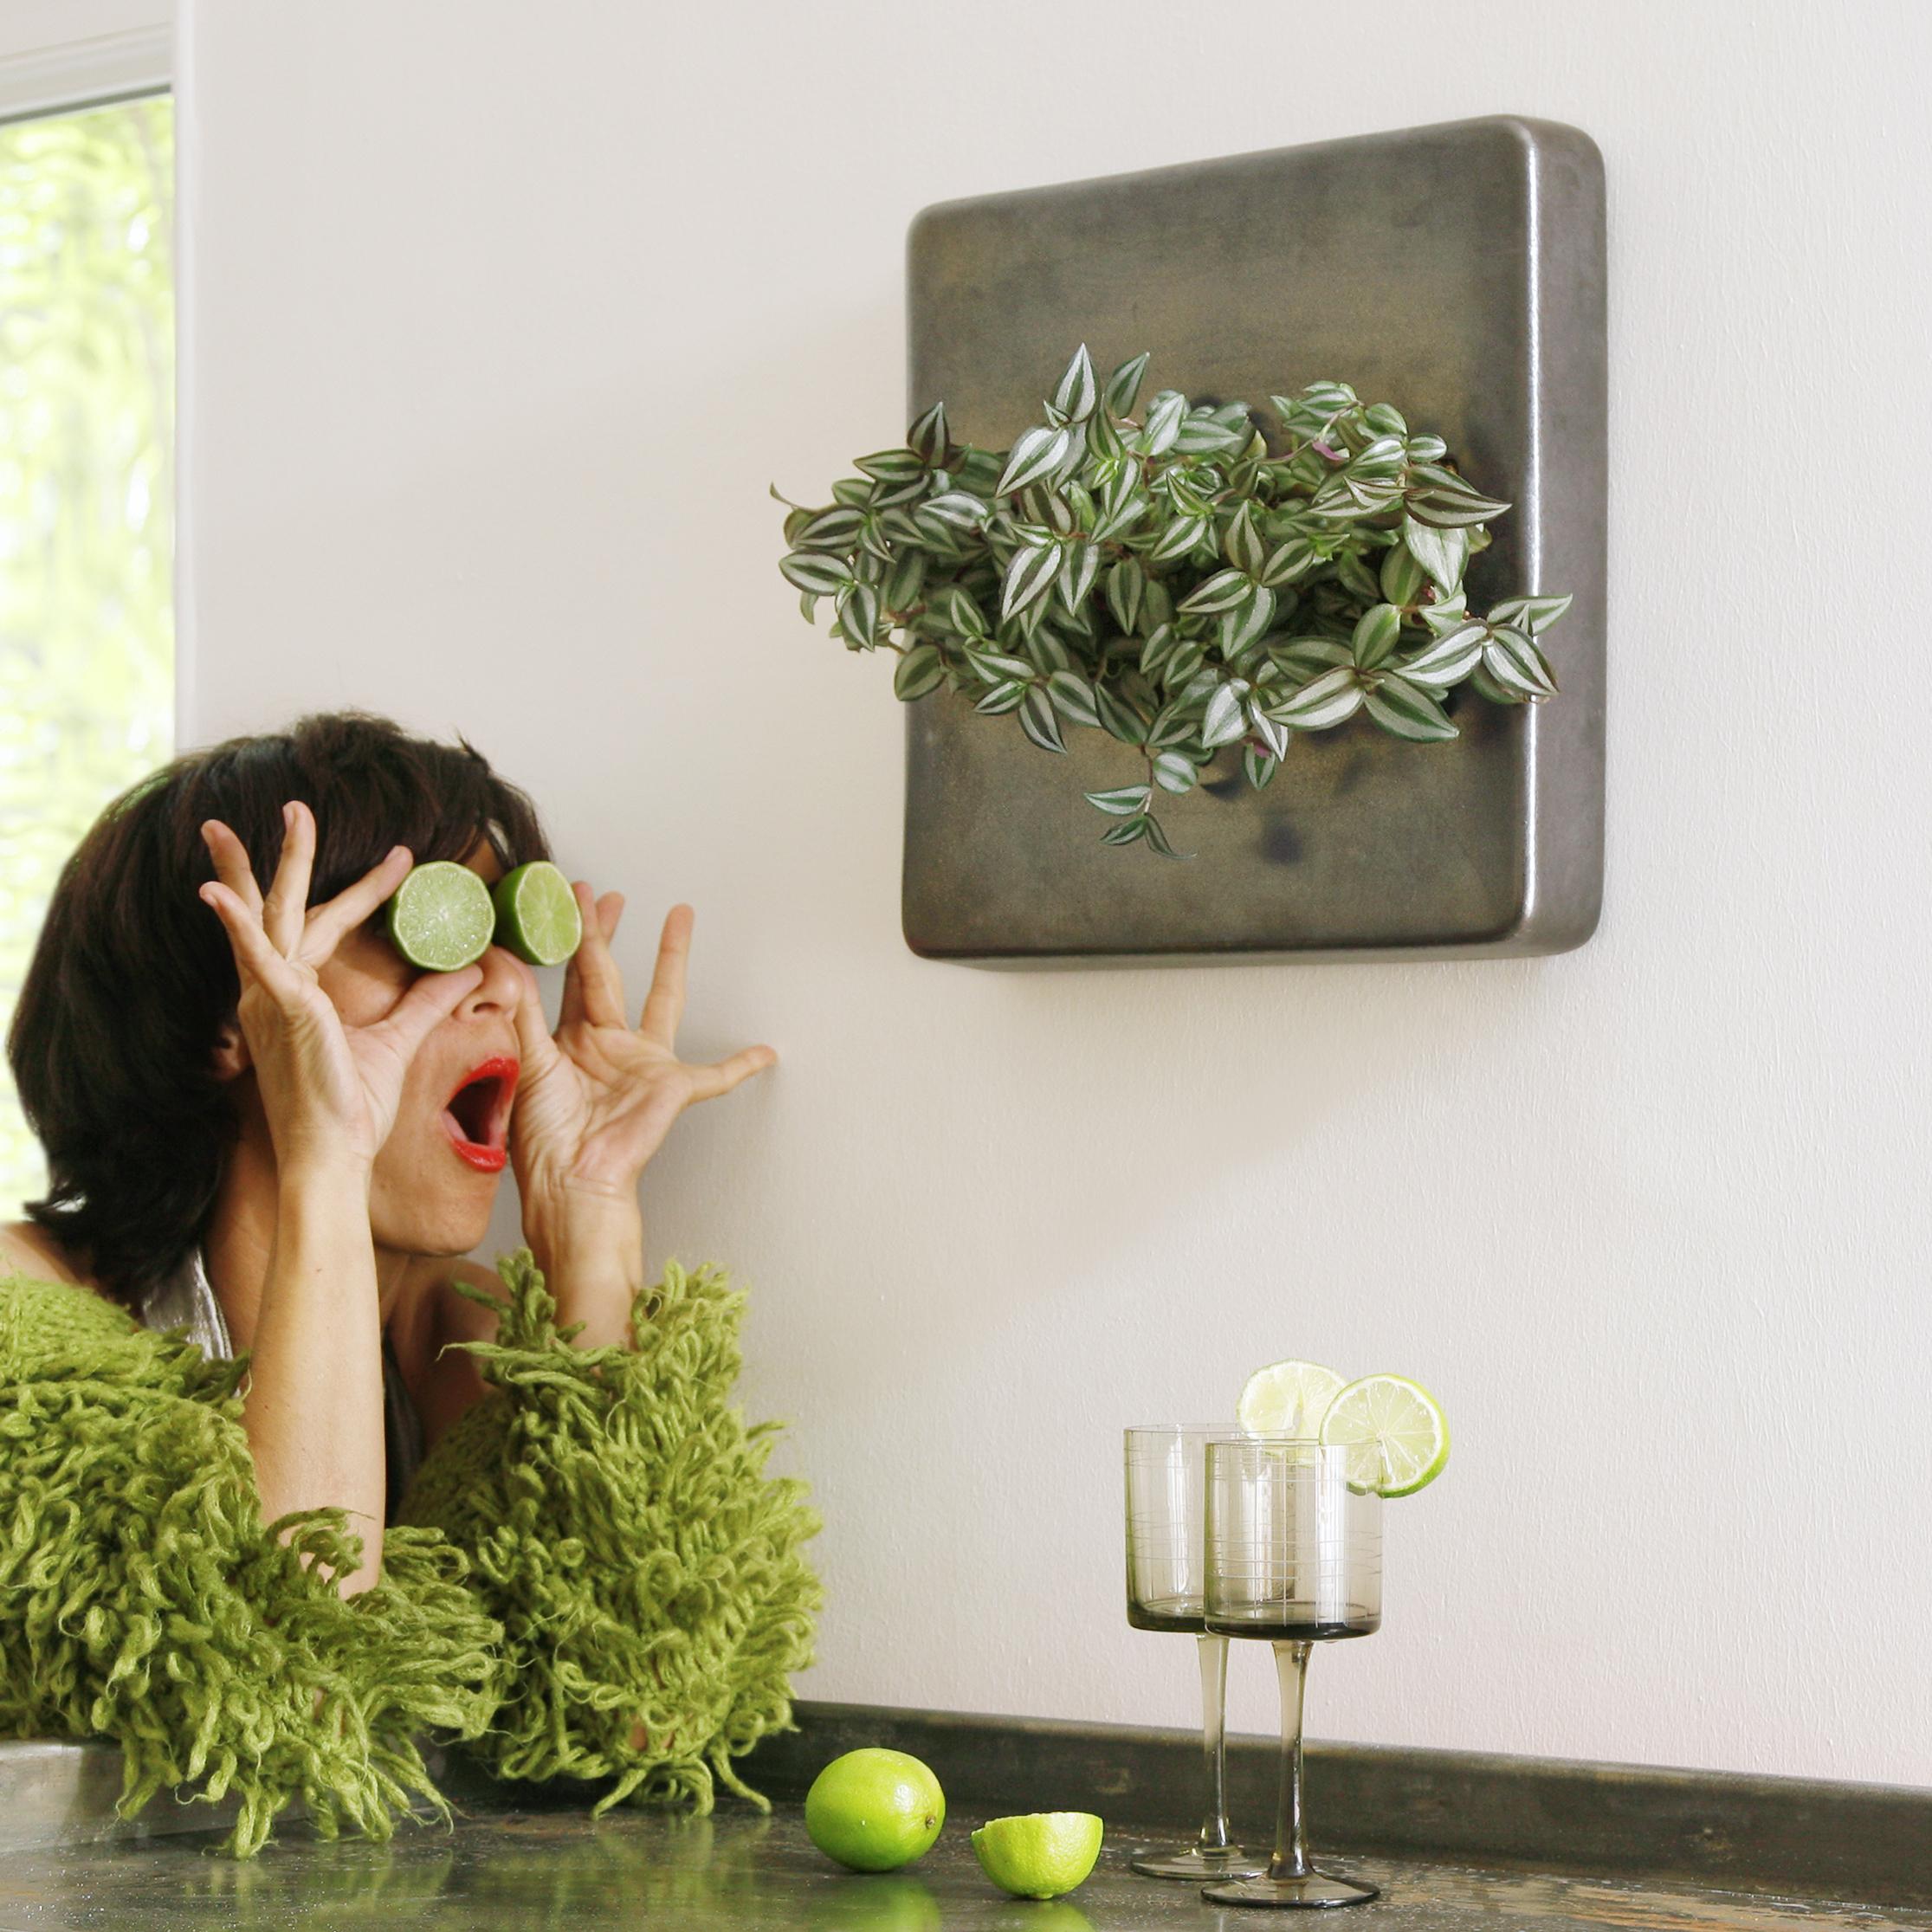 Da traut frau ihren Augen nicht: Flowerbox-Bilder hängen an der Wand. Foto: Flowerbox